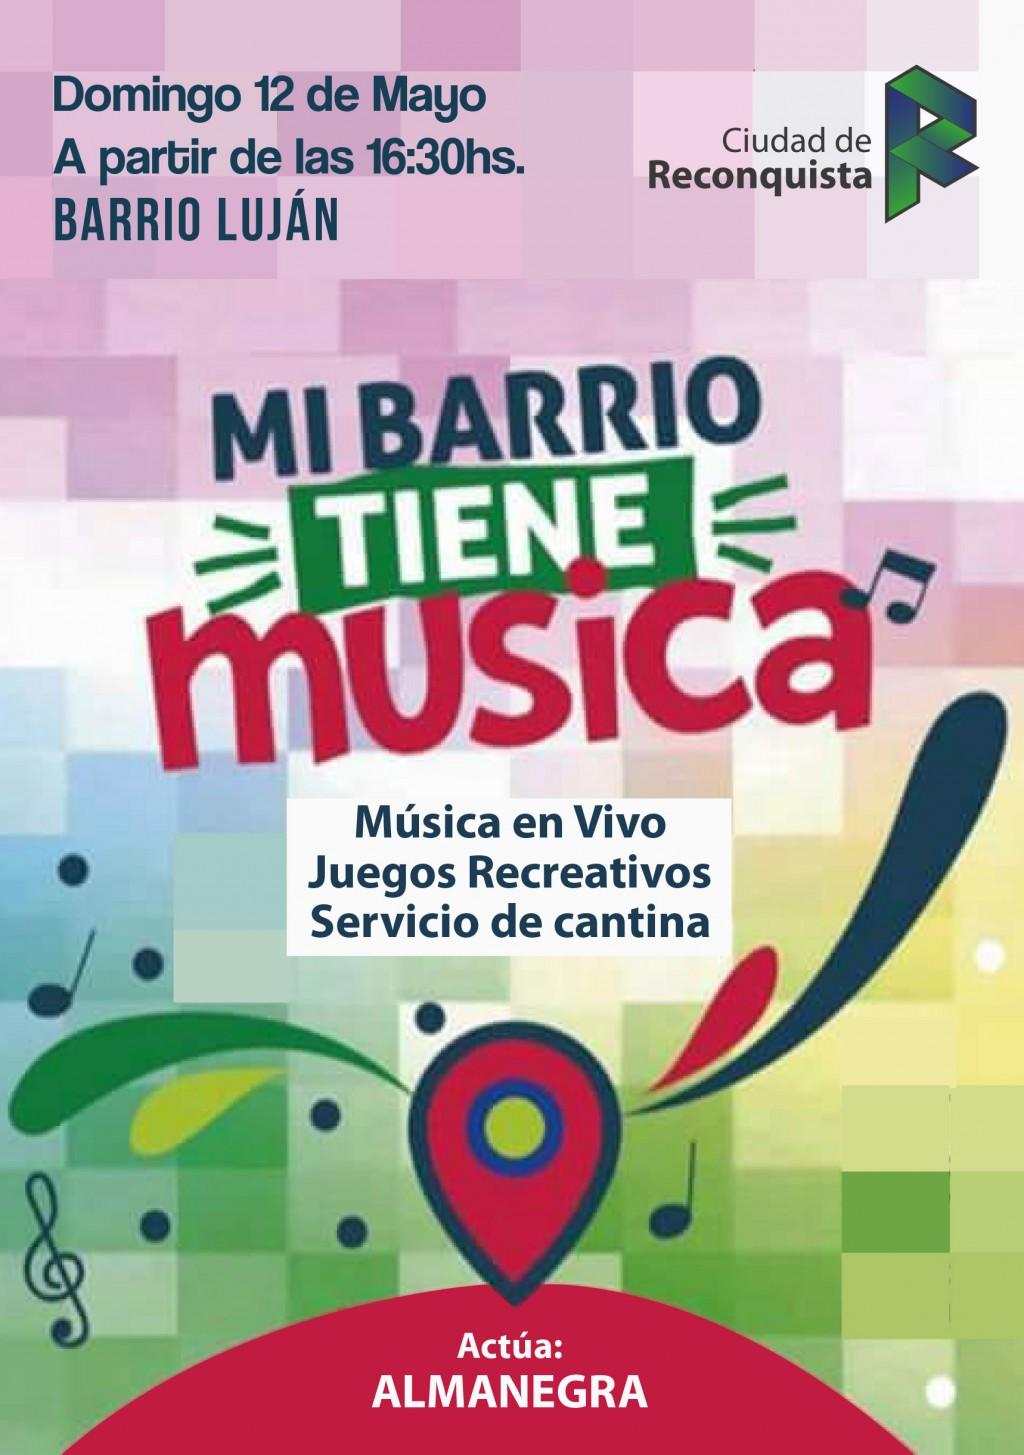 Este domingo la música suena en Barrio Luján